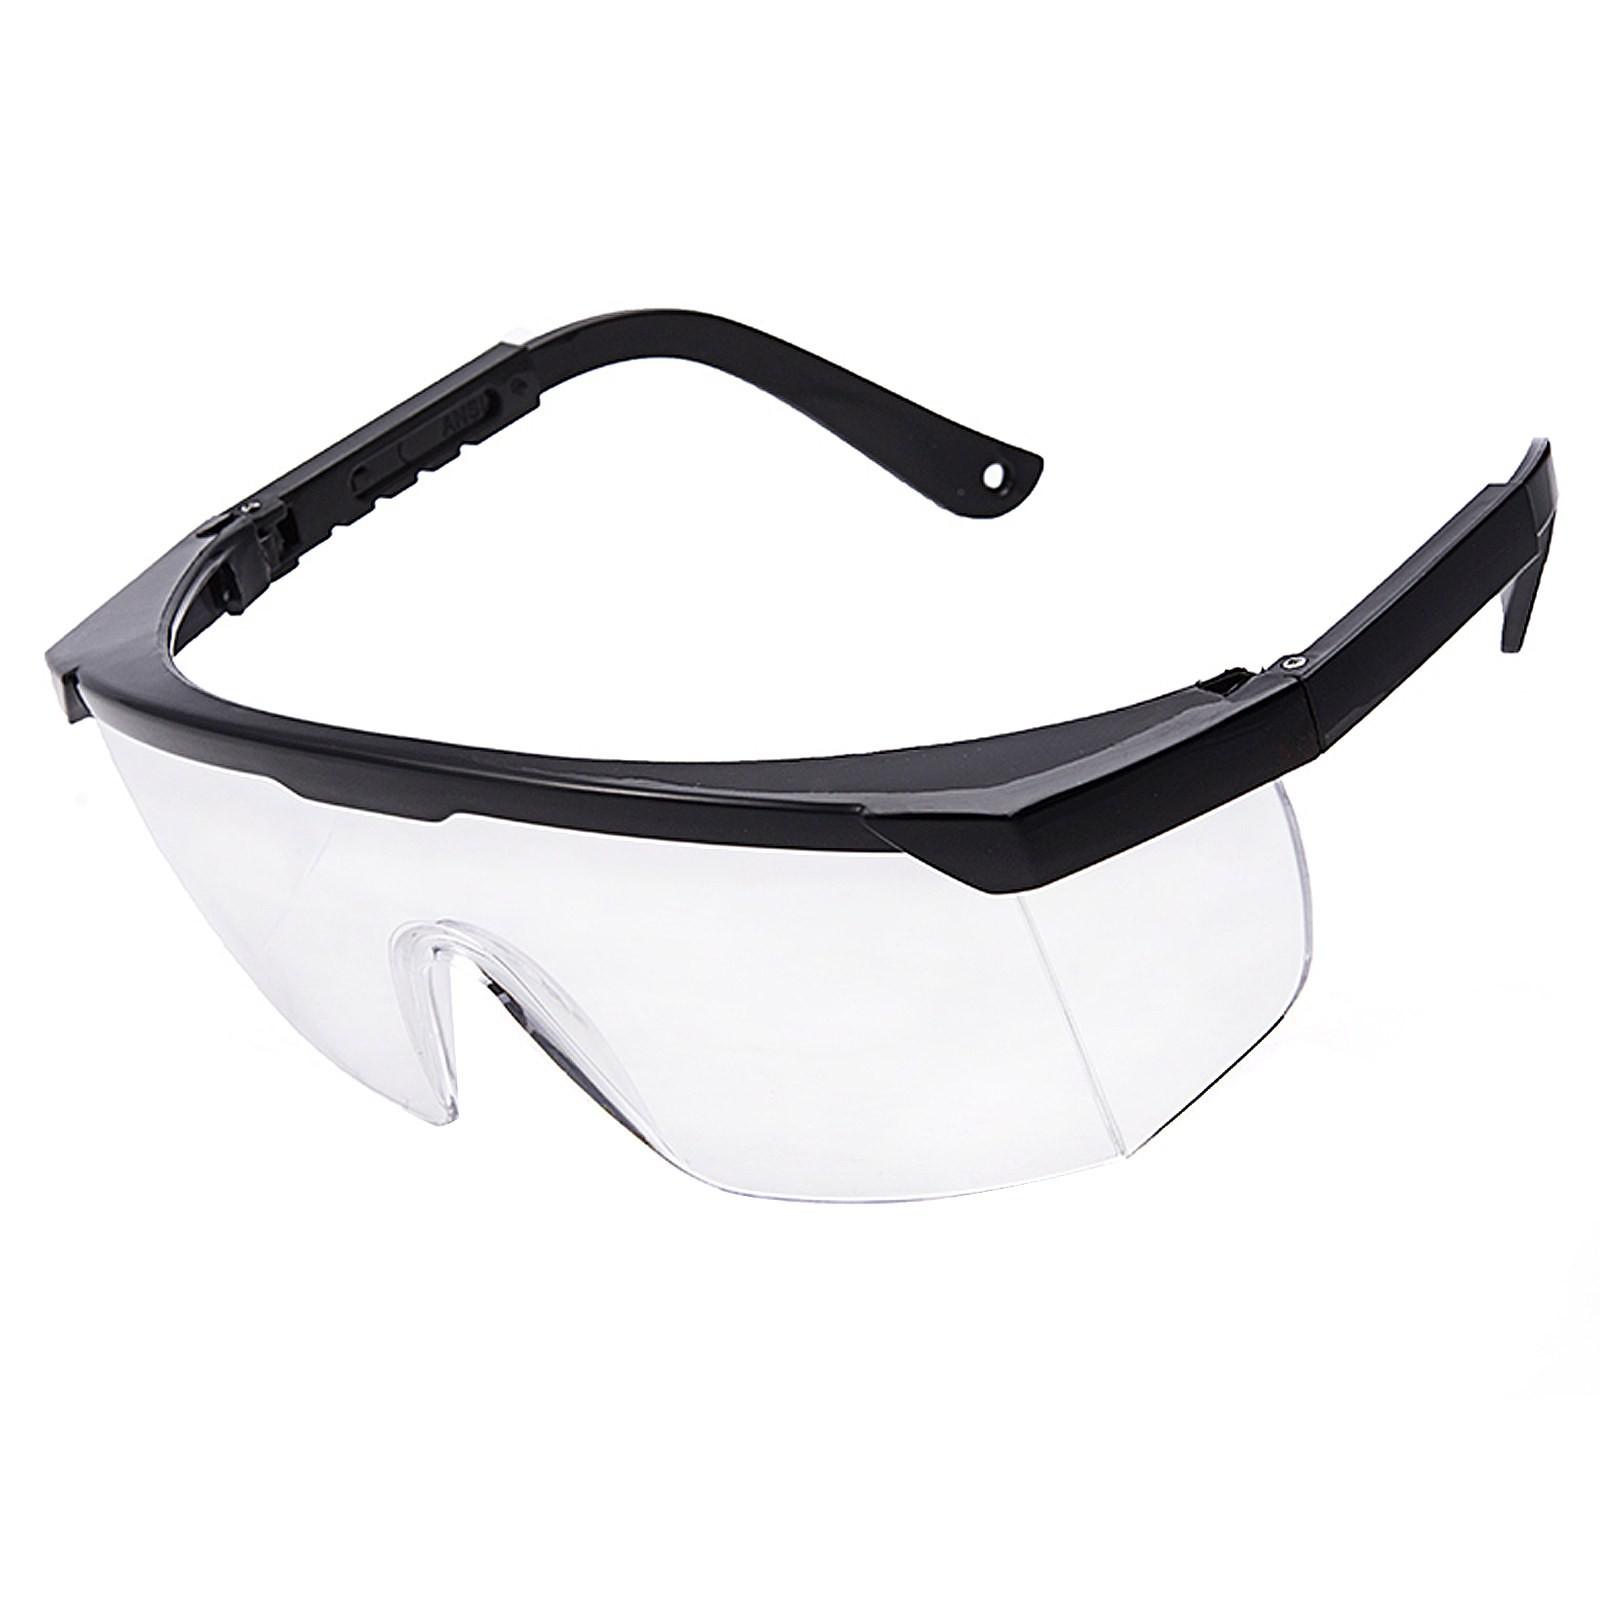 Occhiali di Protezione Tattici Protettivi Lenti Royal per SoftAir da Tiro